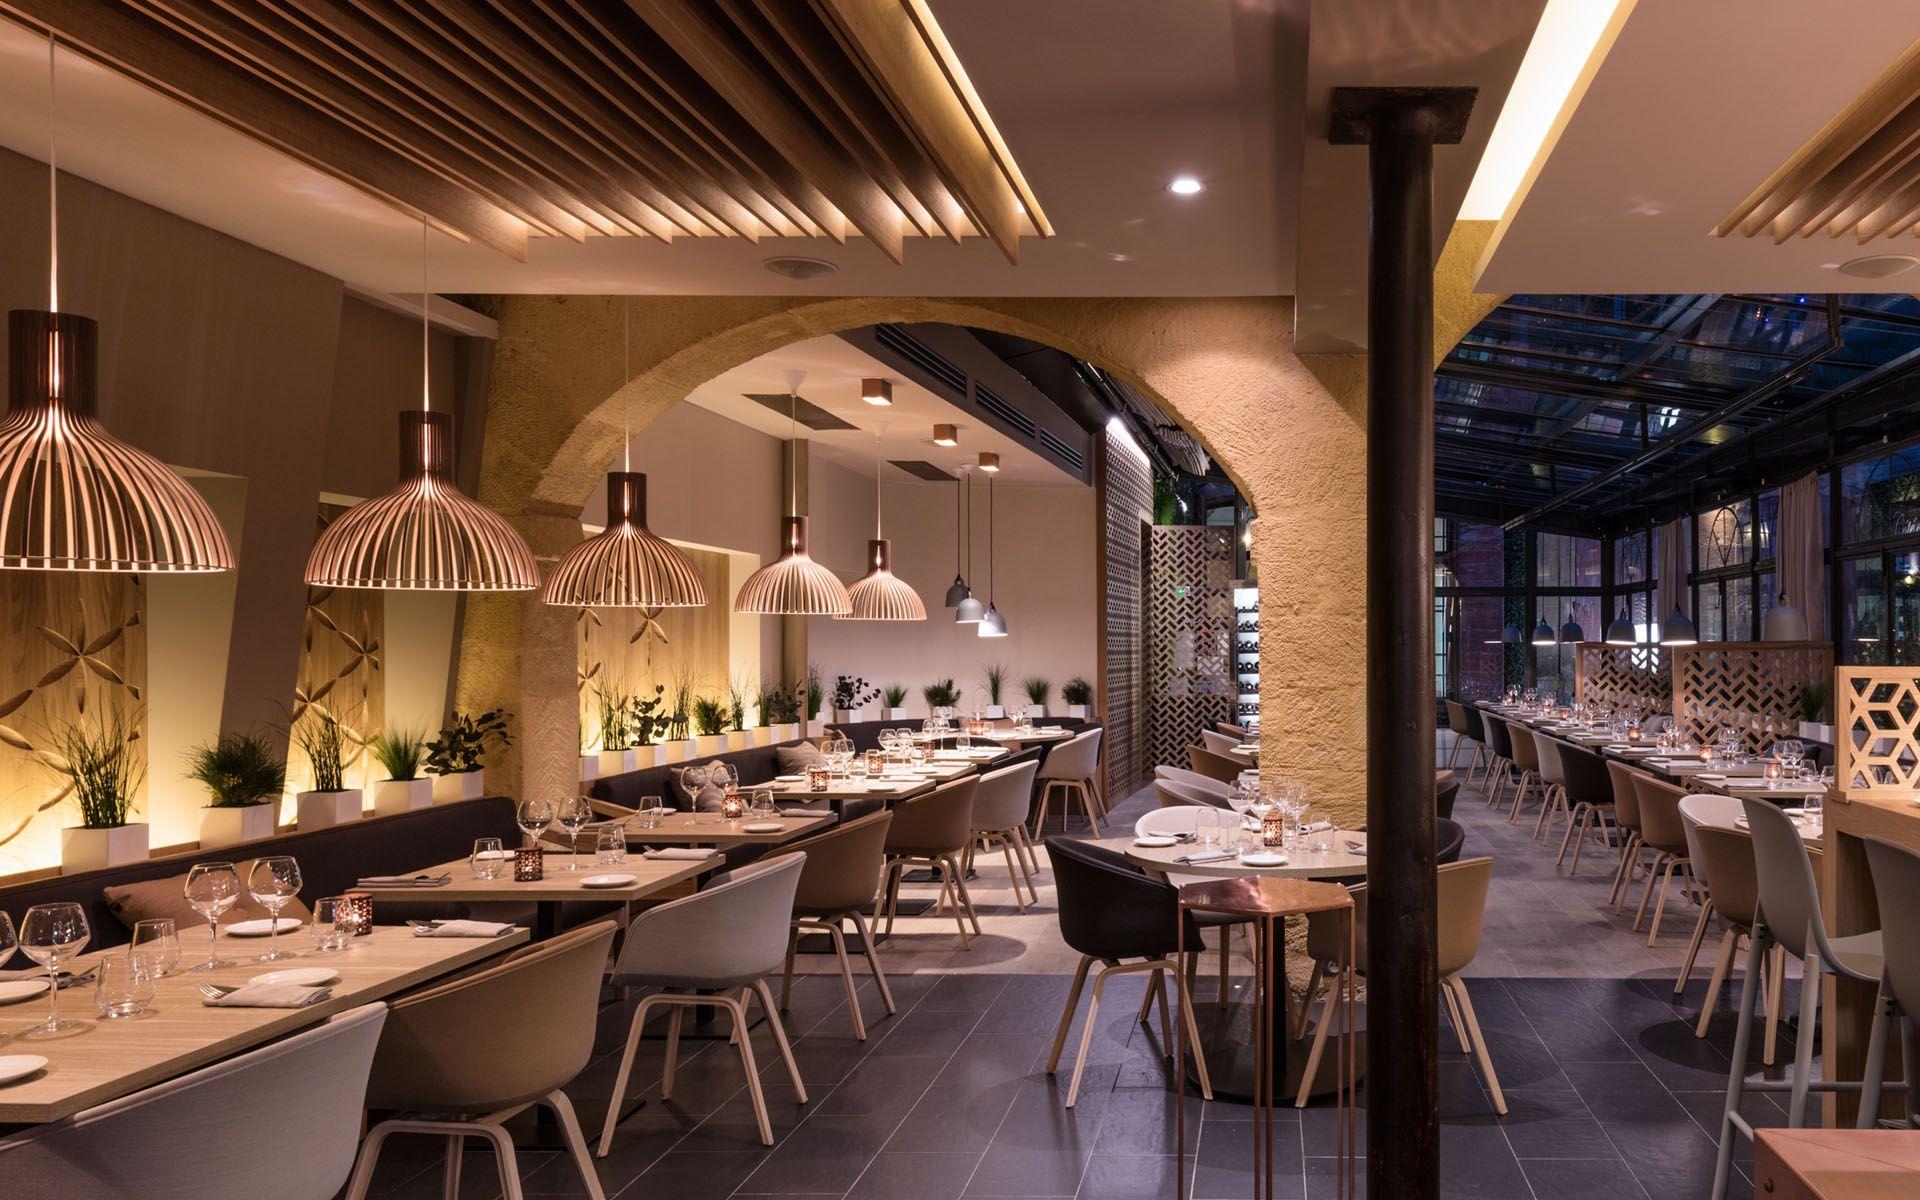 restaurant gastronomique c t cour aix en provence par red banana studio designers d. Black Bedroom Furniture Sets. Home Design Ideas